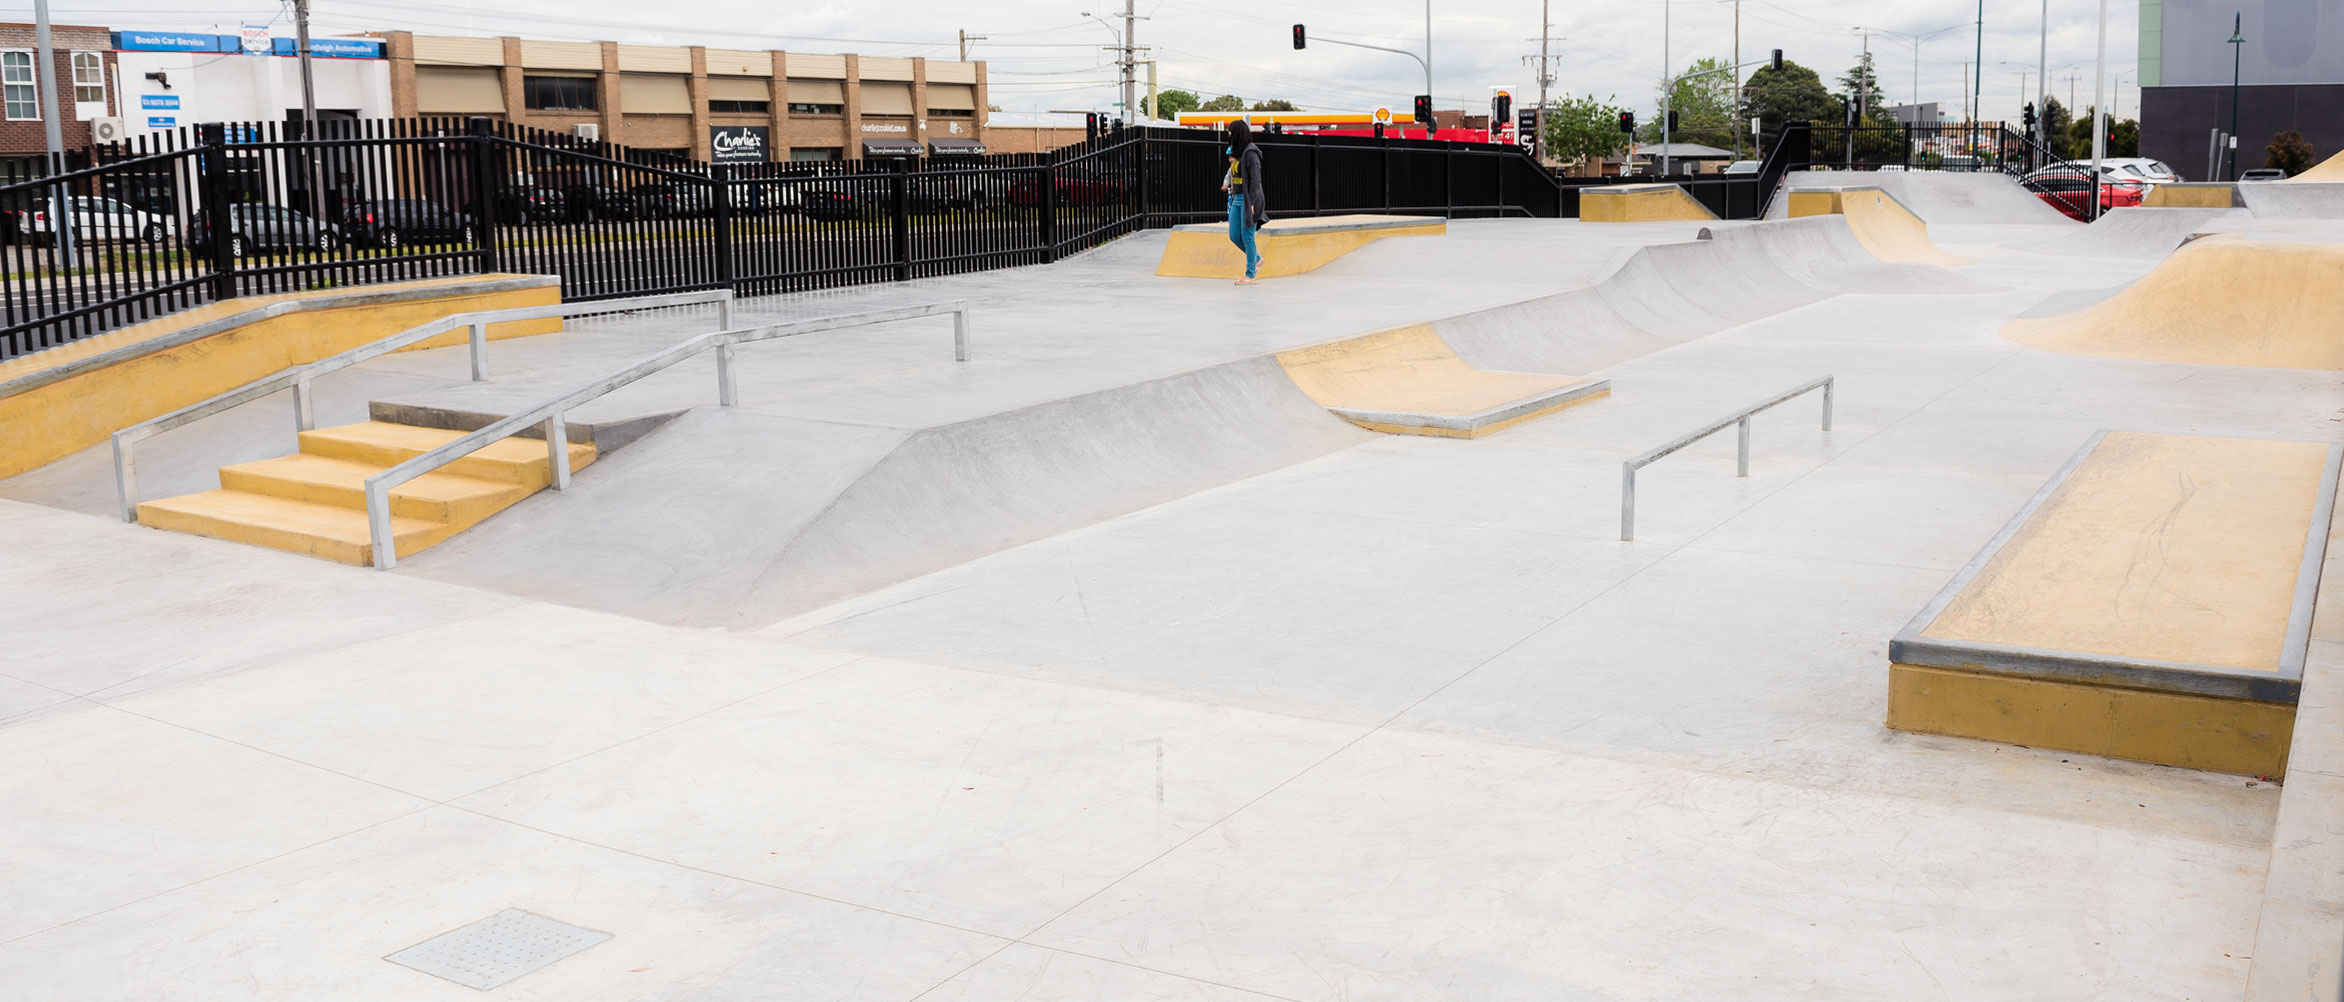 Bentleigh East skate park